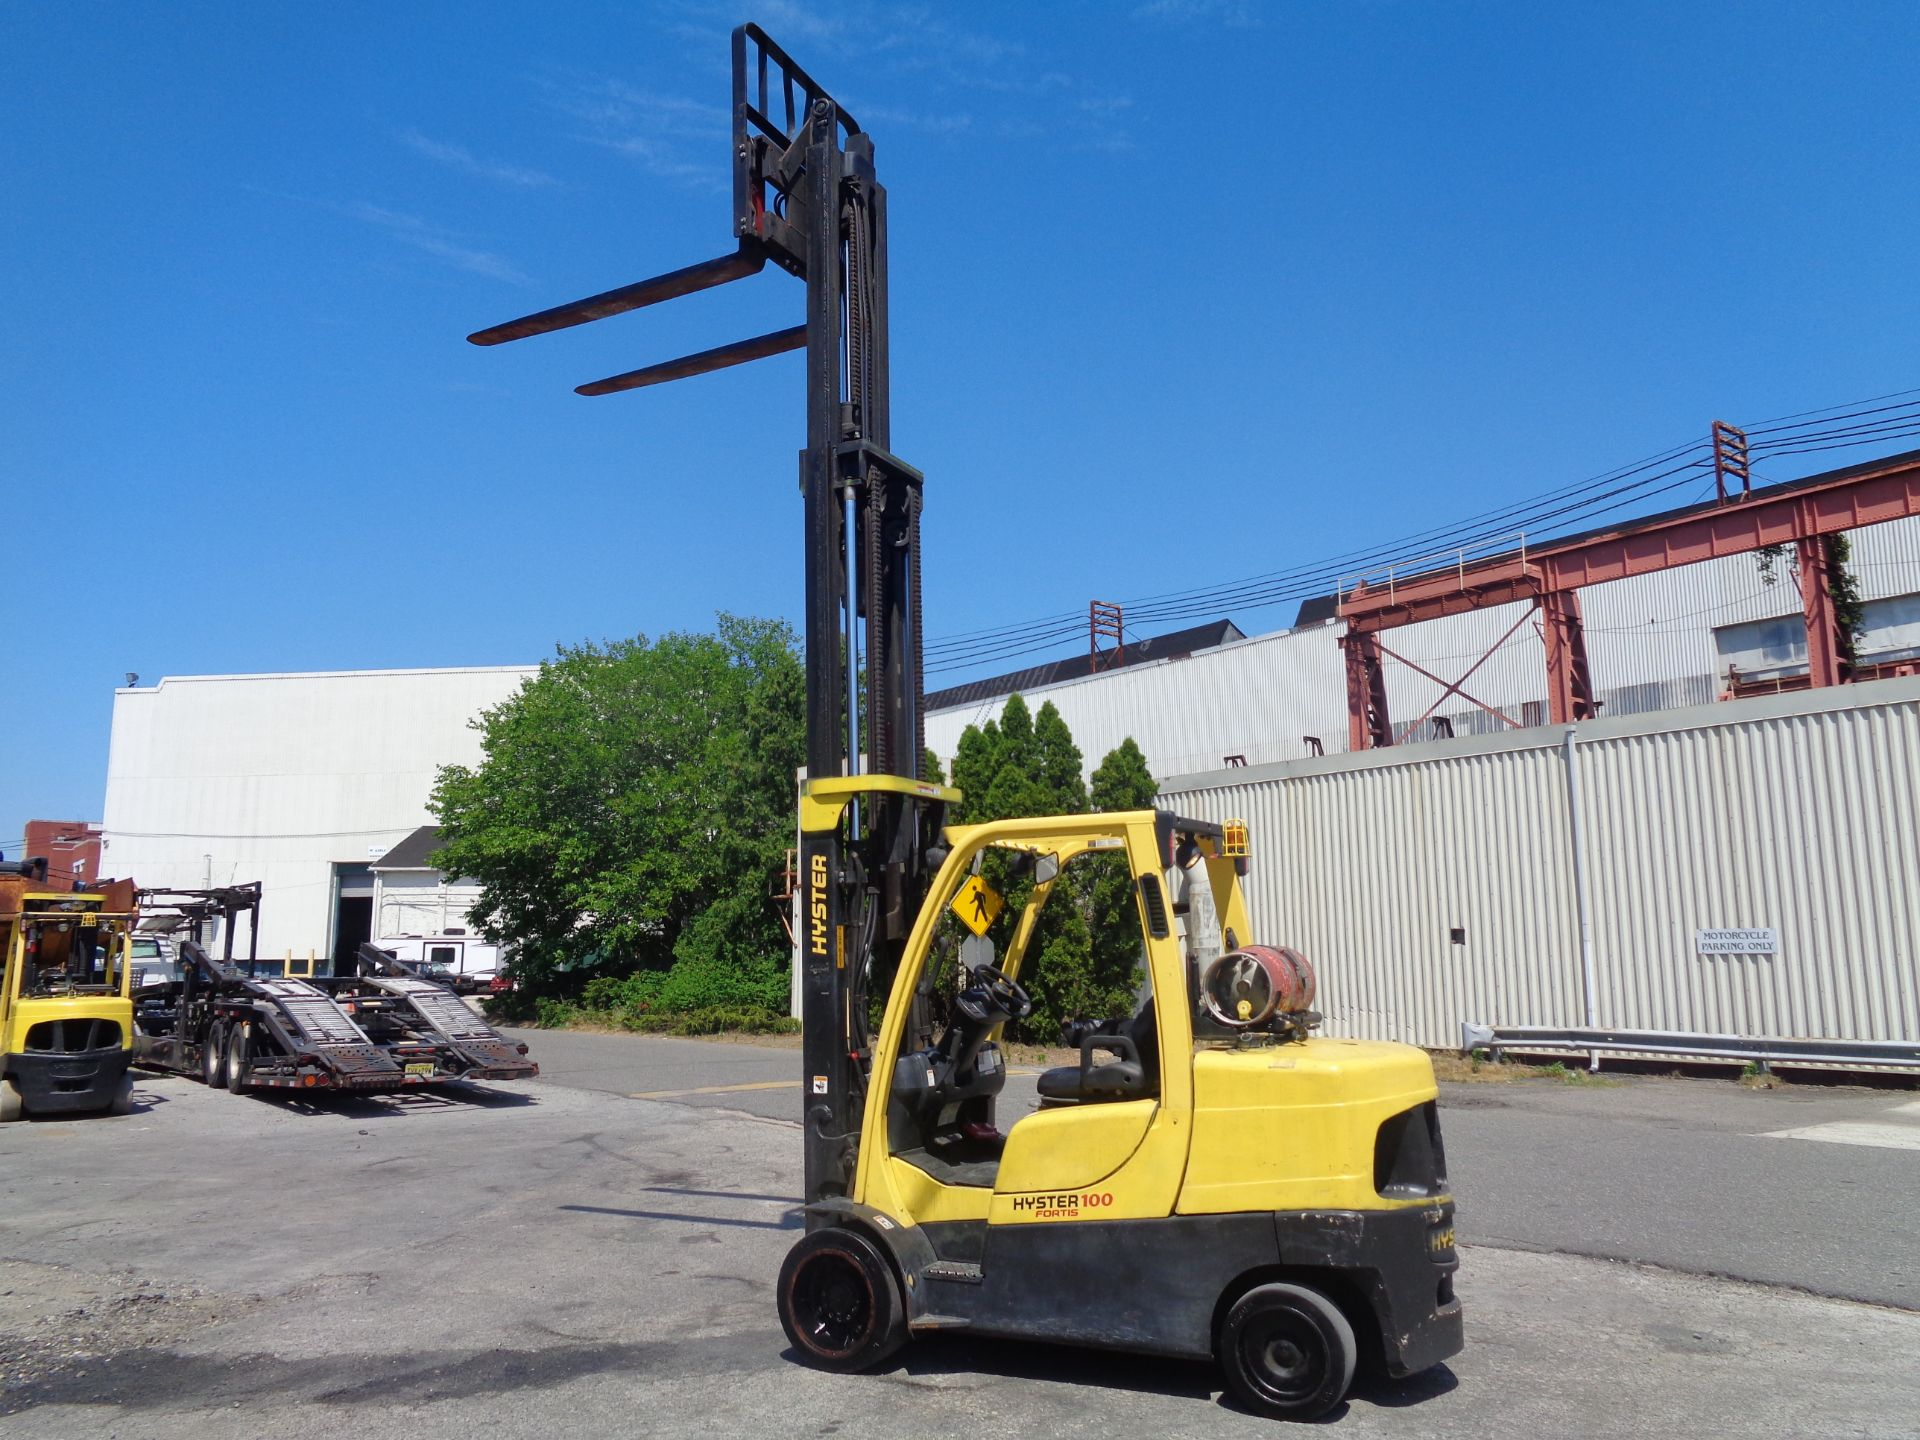 Hyster S100FT 10,000lb Forklift - Image 14 of 19